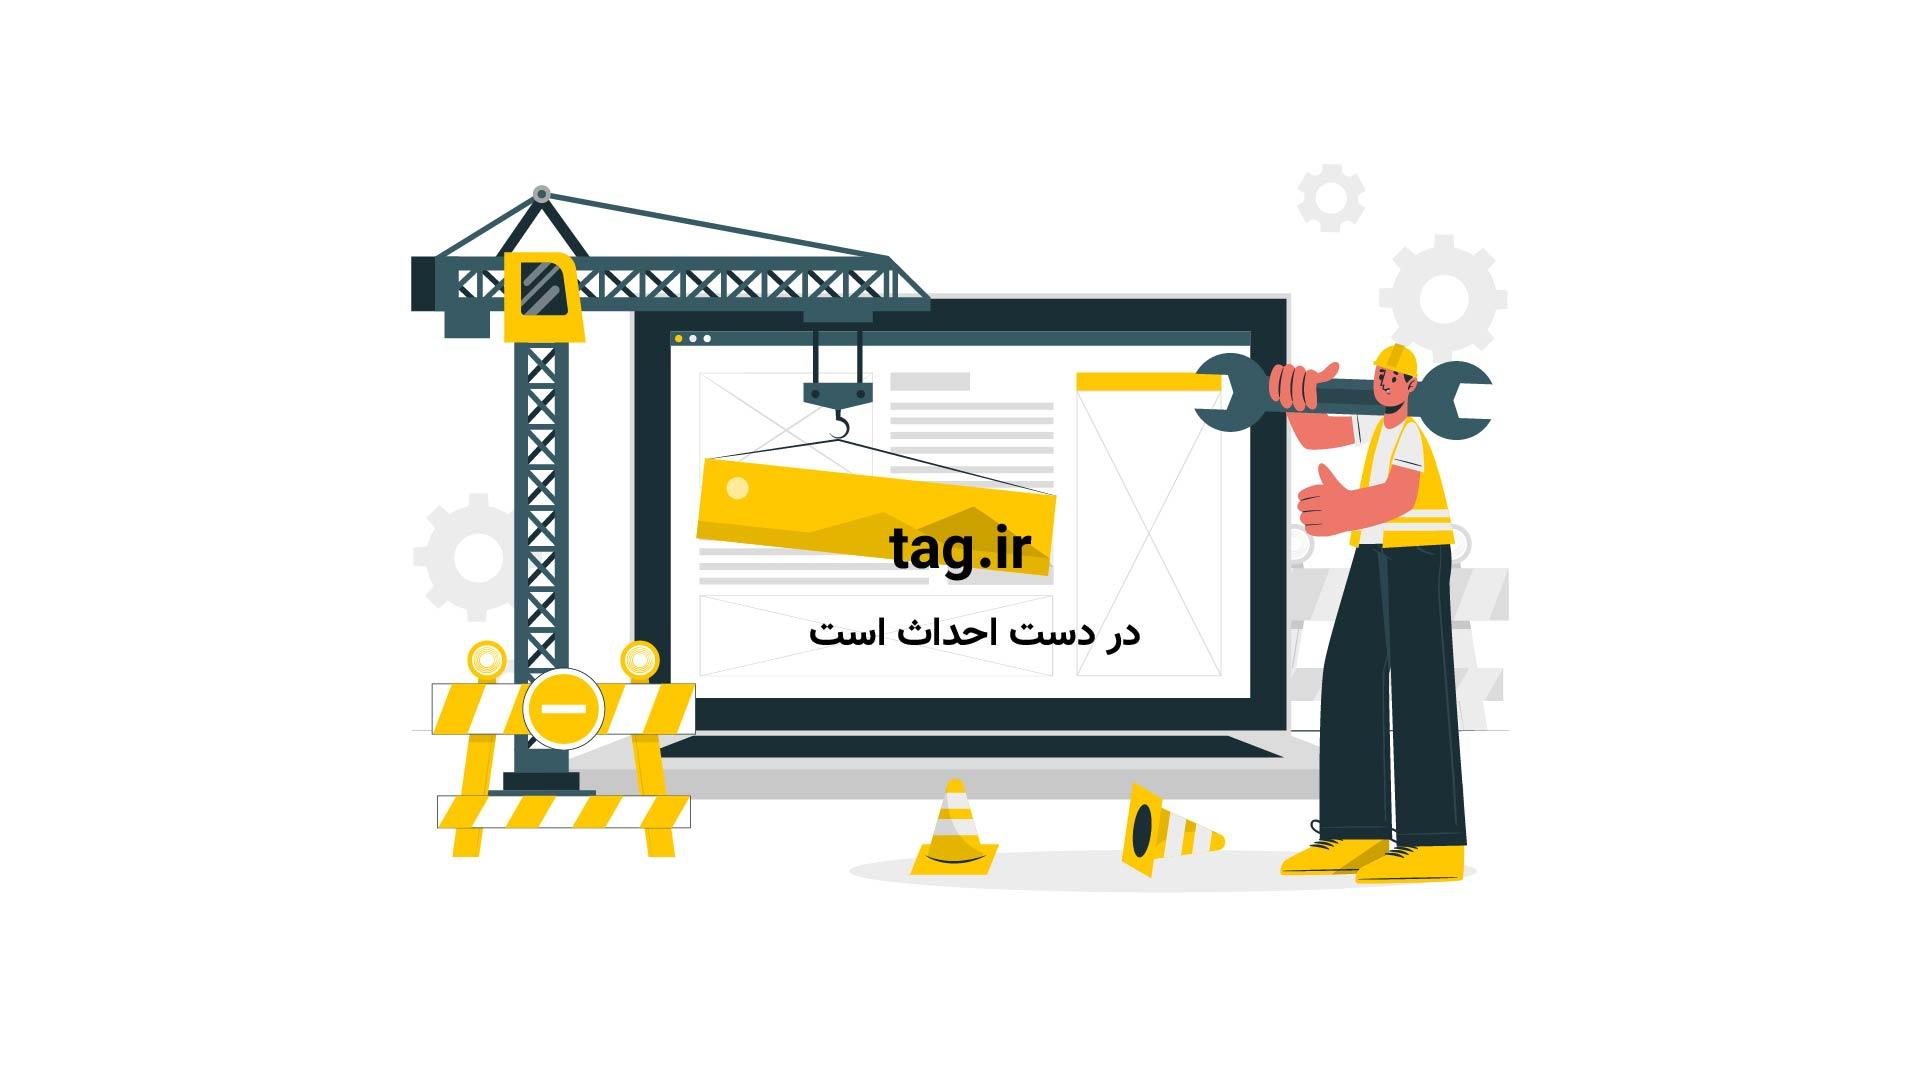 انفجار خودرو بمب گذاری شده در کی یف | تگ